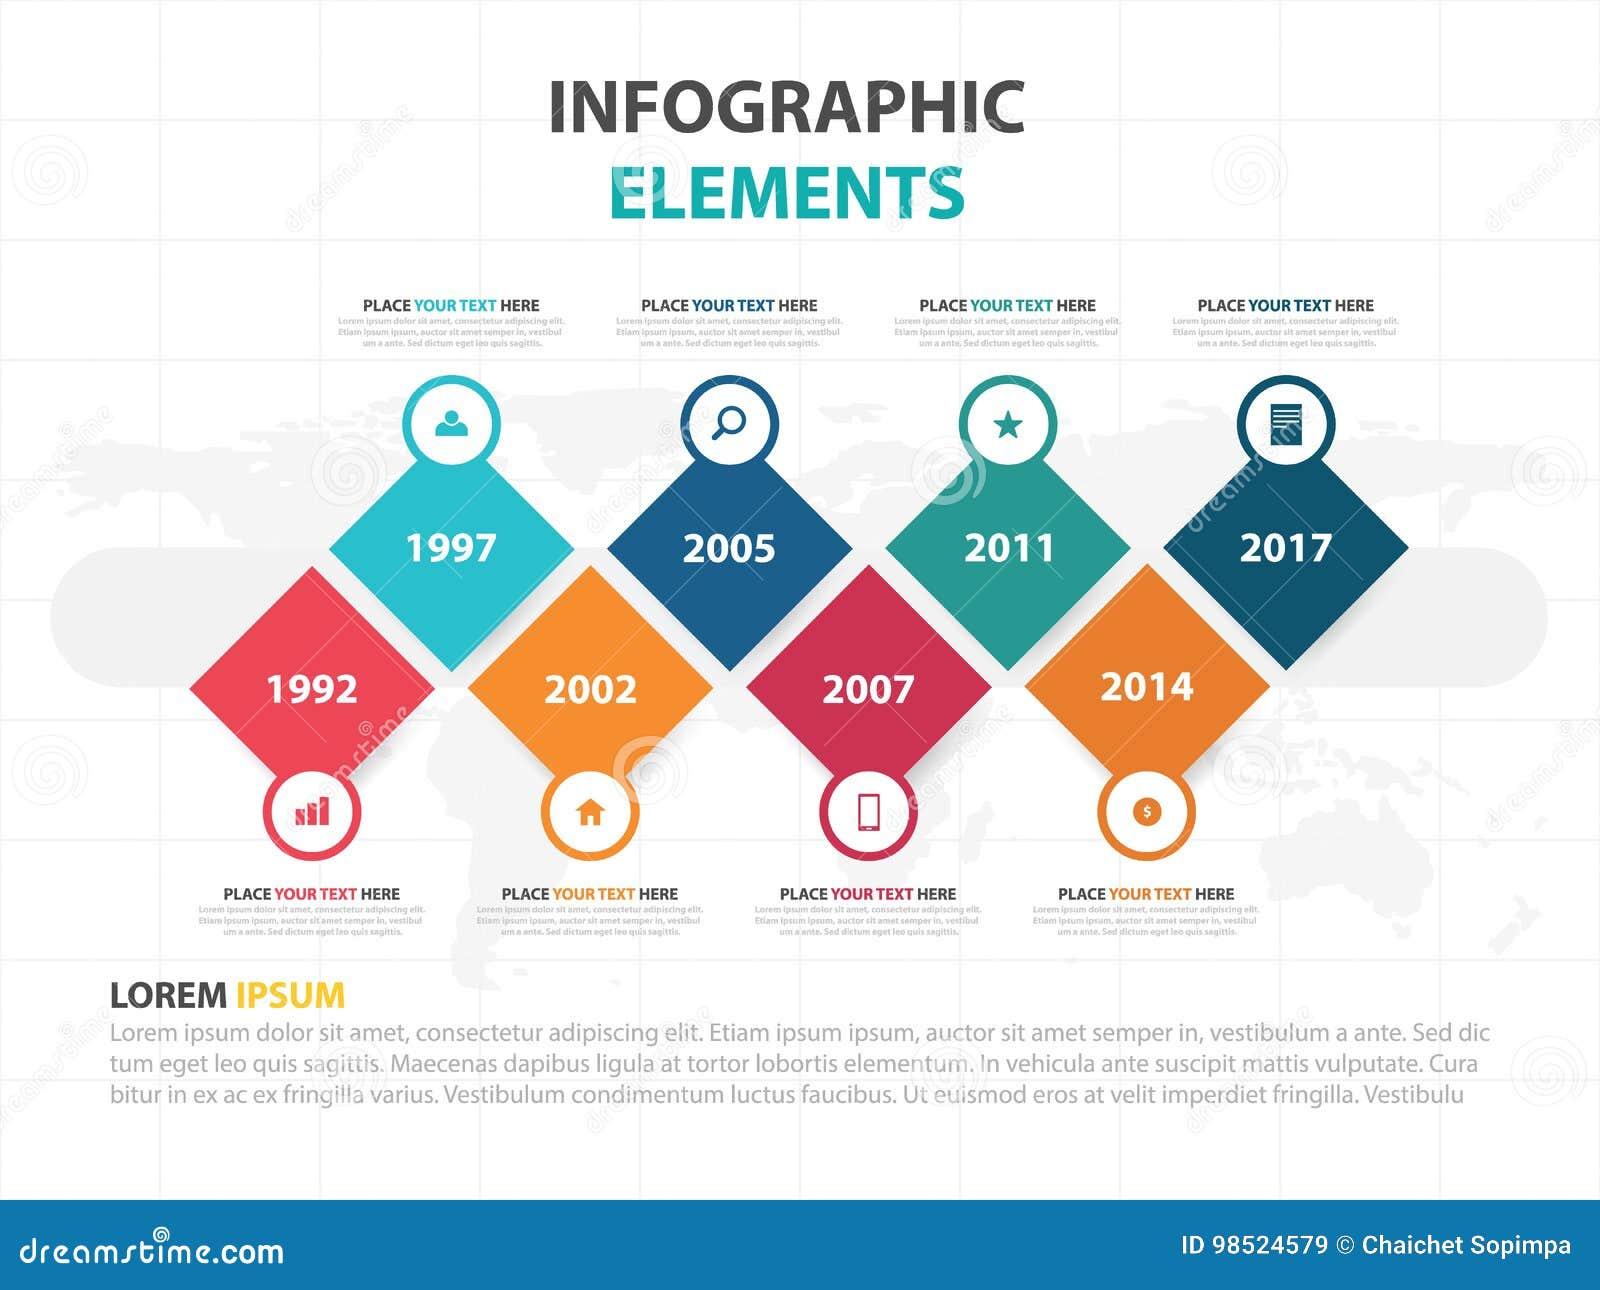 企业Infographic时间安排过程模板,五颜六色的横幅正文框designfor介绍,工作流图的介绍